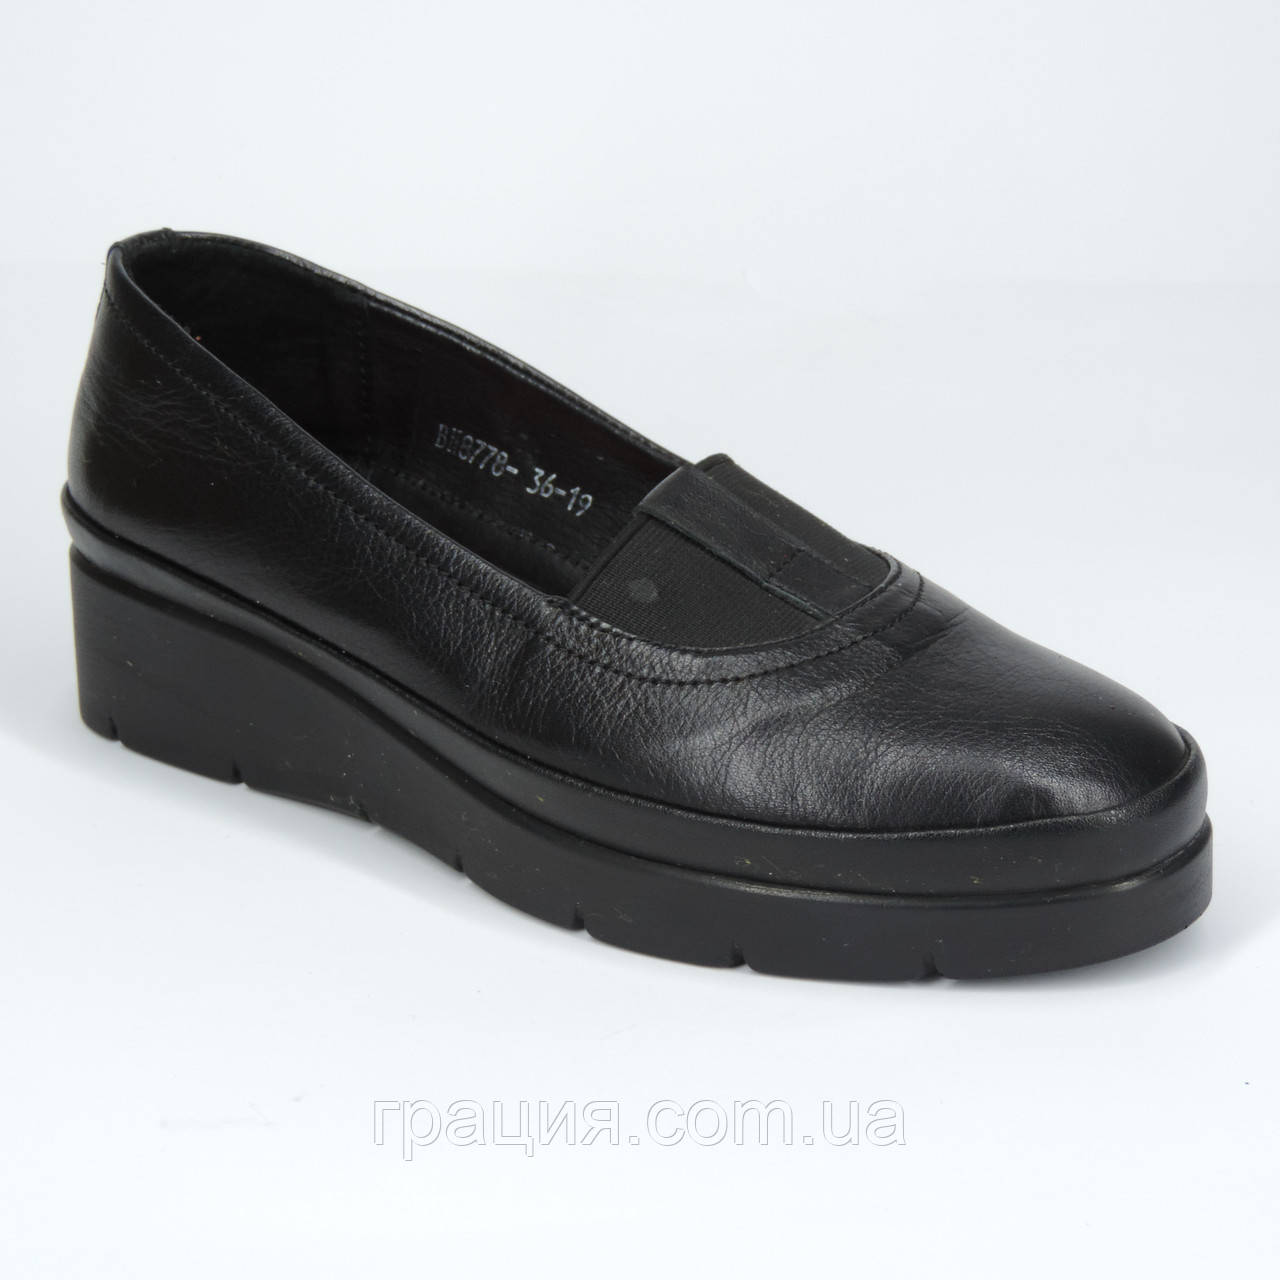 Мягкие удобные женские туфли натуральная кожа с большей полнотой